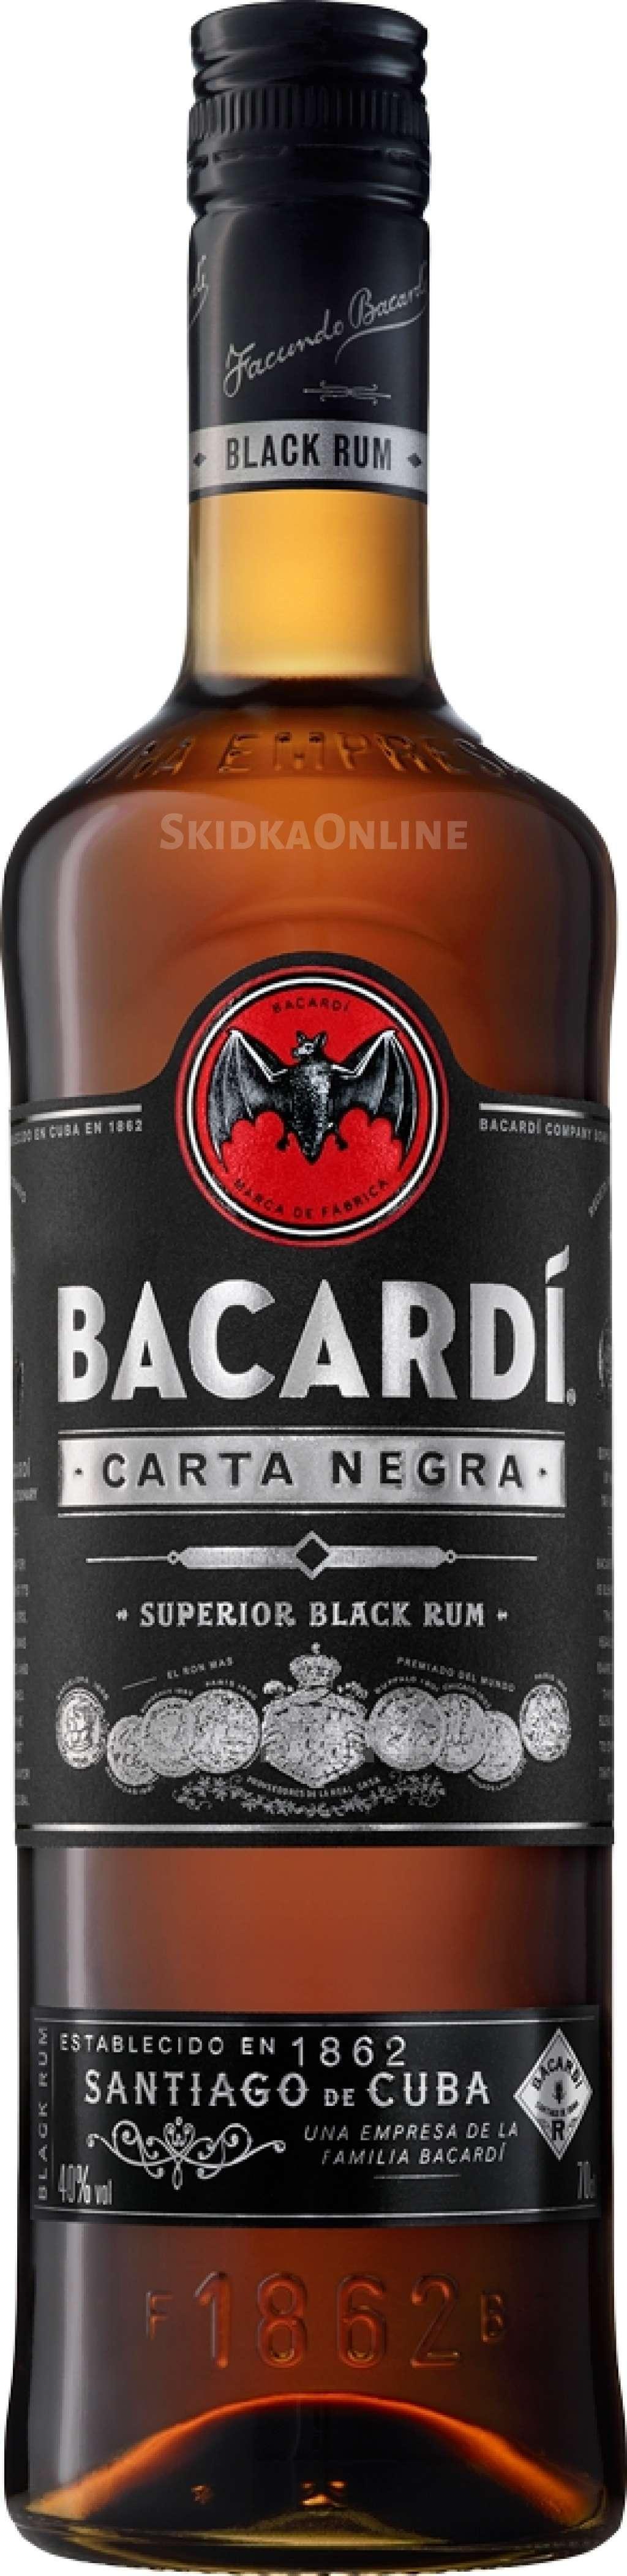 Ром bacardi 151 и его особенности